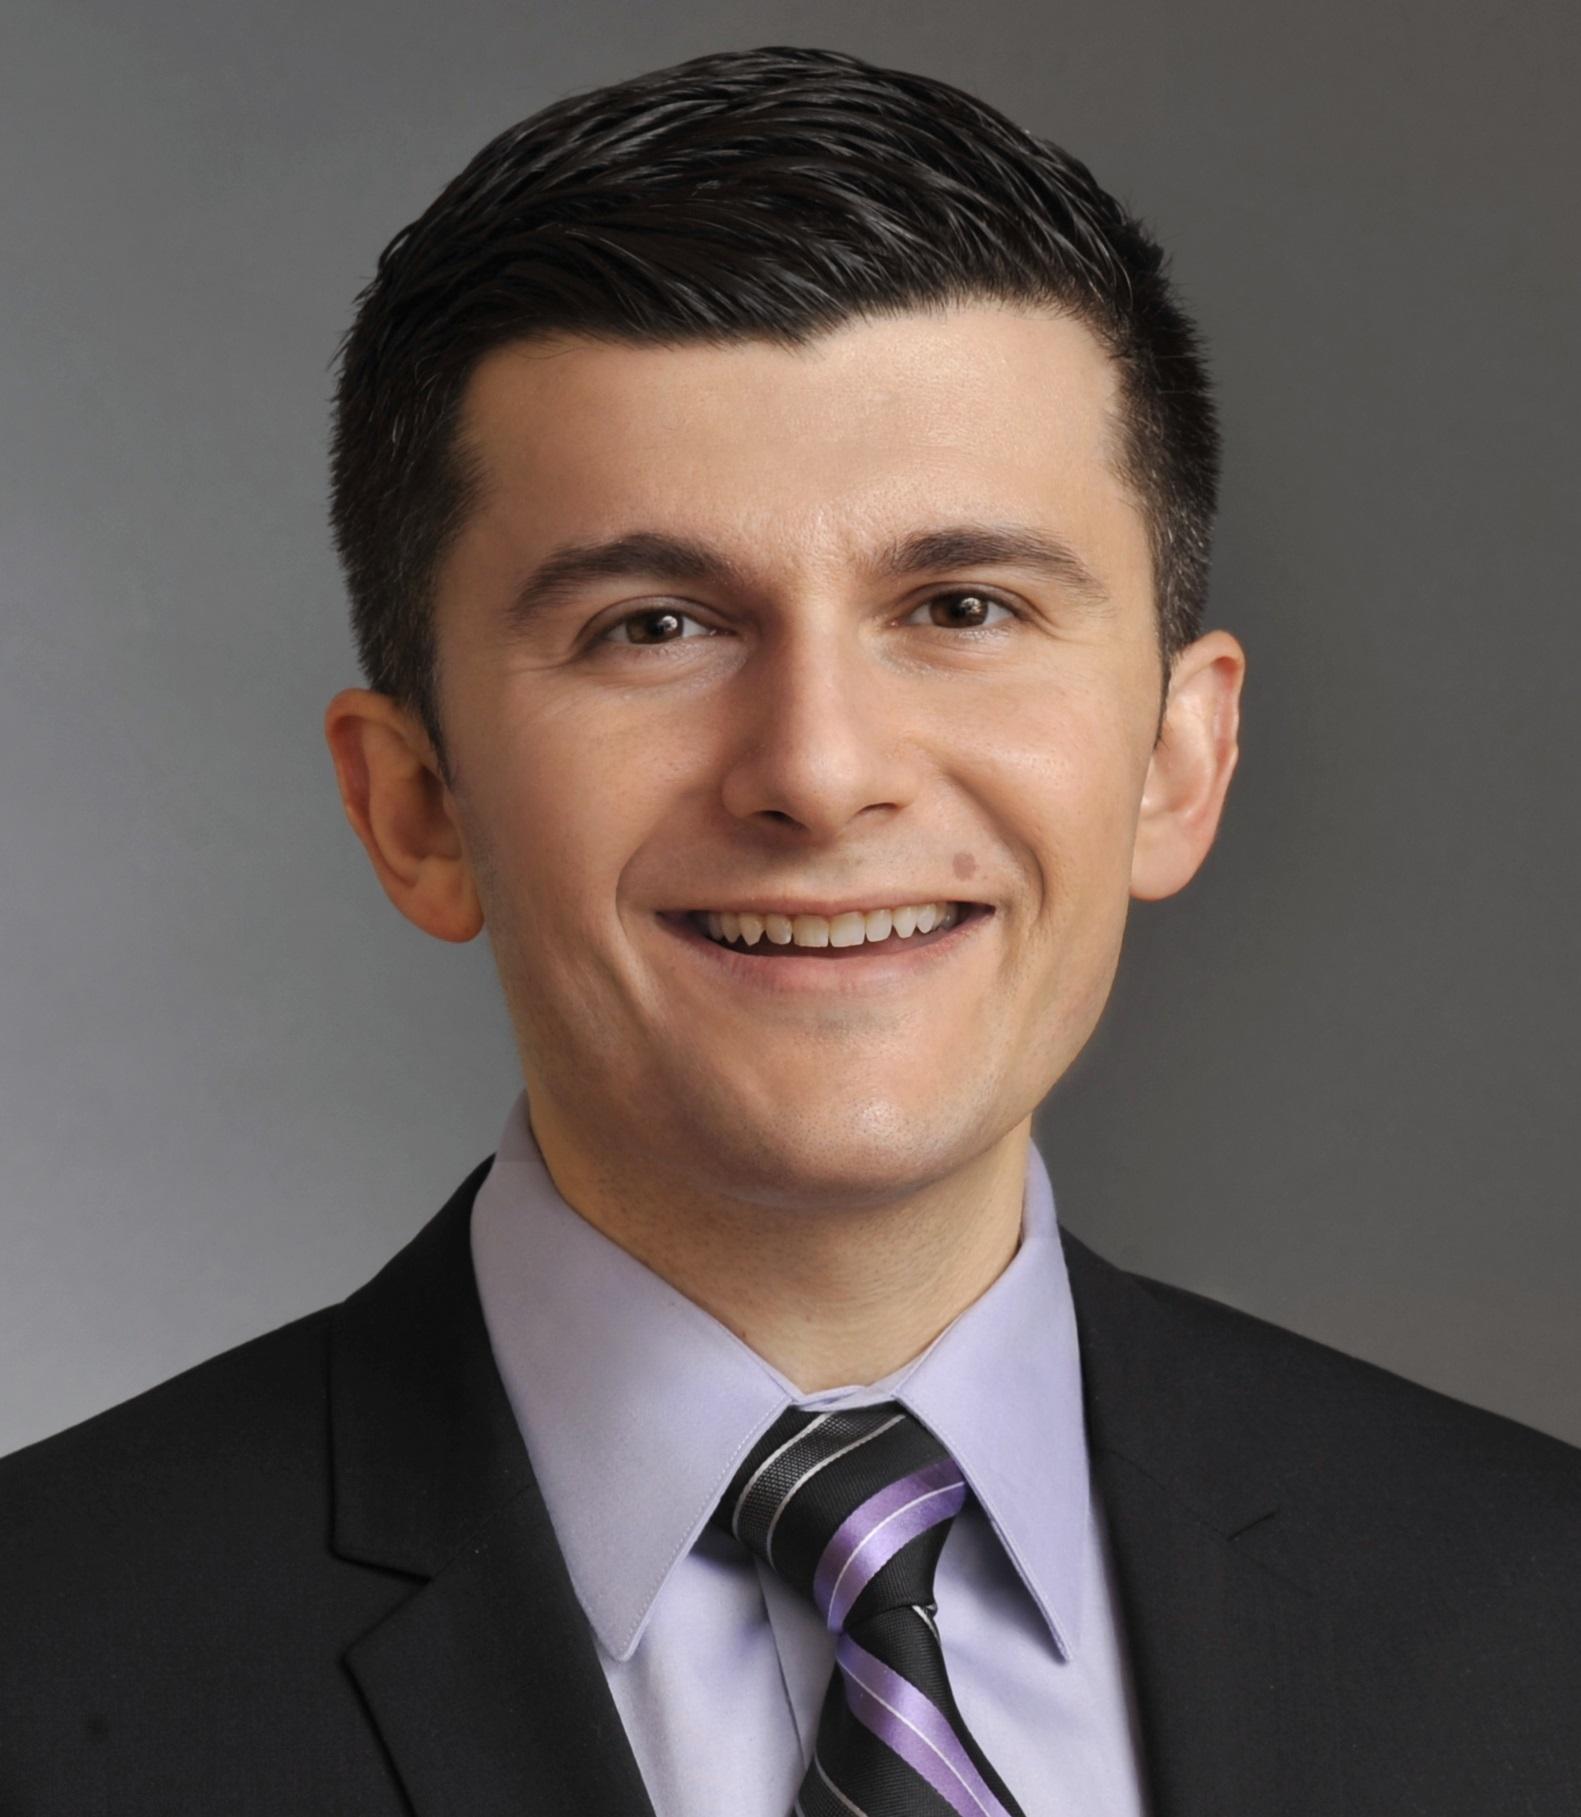 Angelo Poulikakos